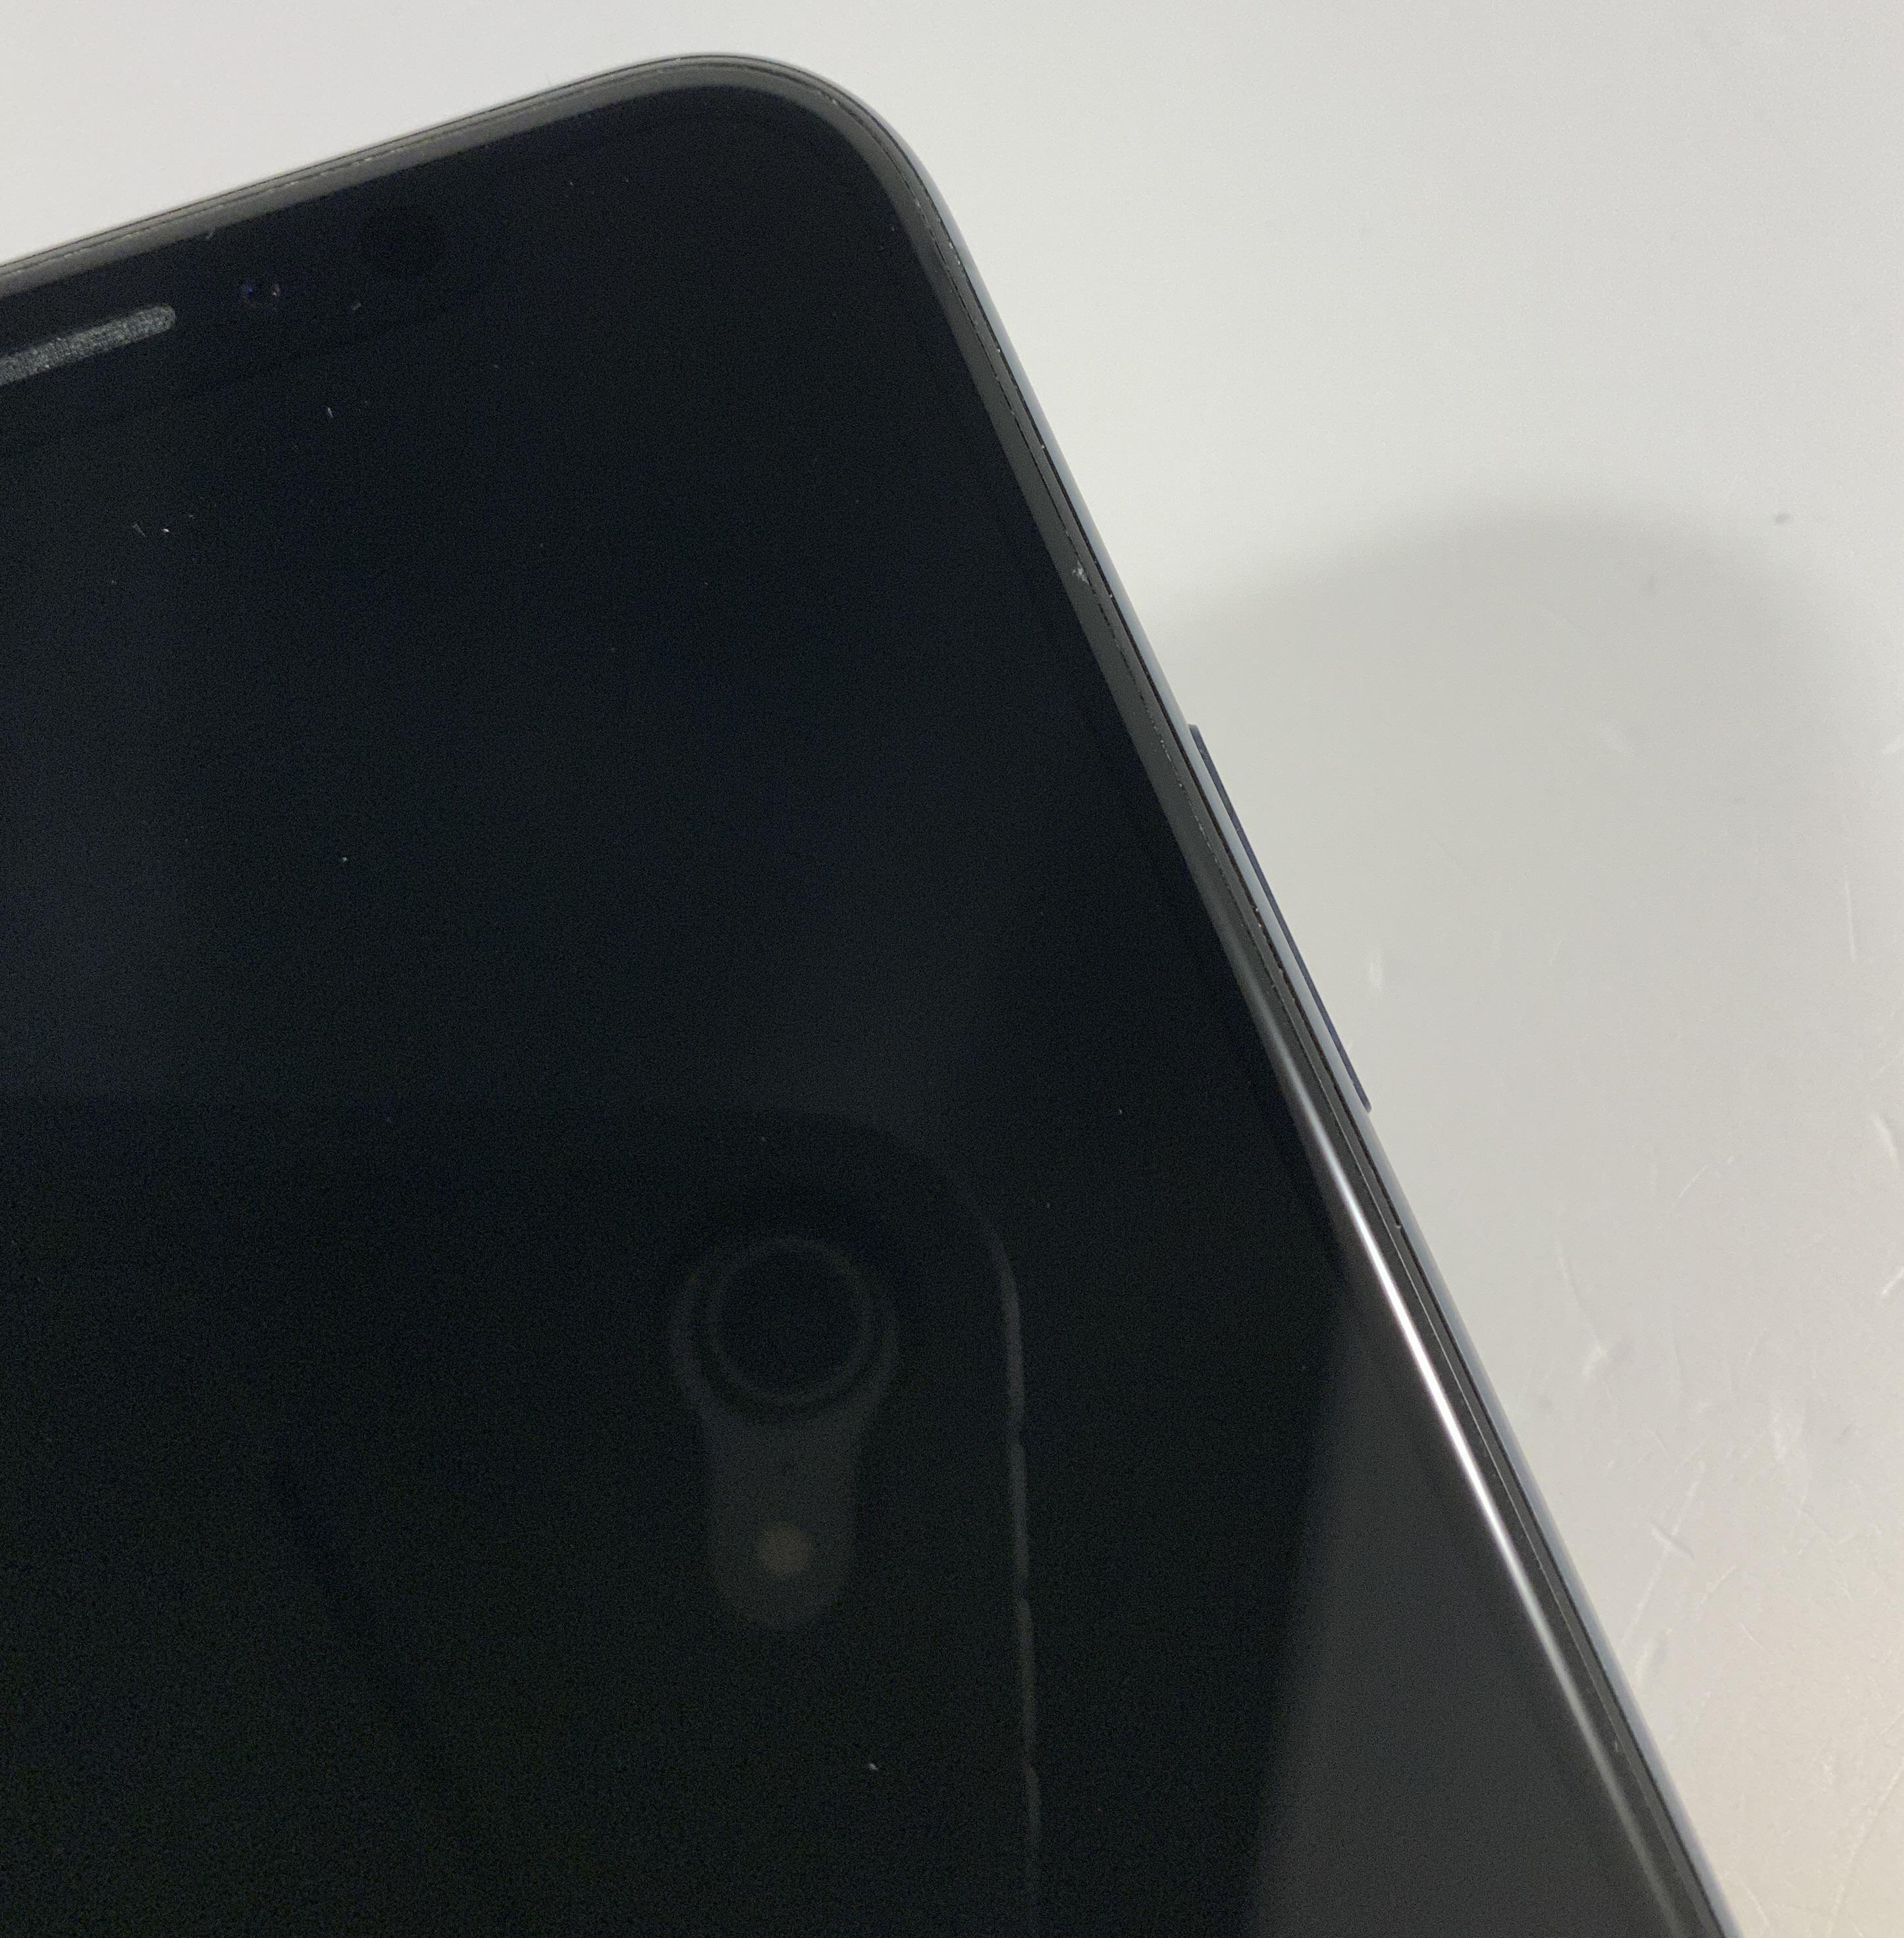 iPhone 11 Pro 64GB, 64GB, Midnight Green, obraz 3